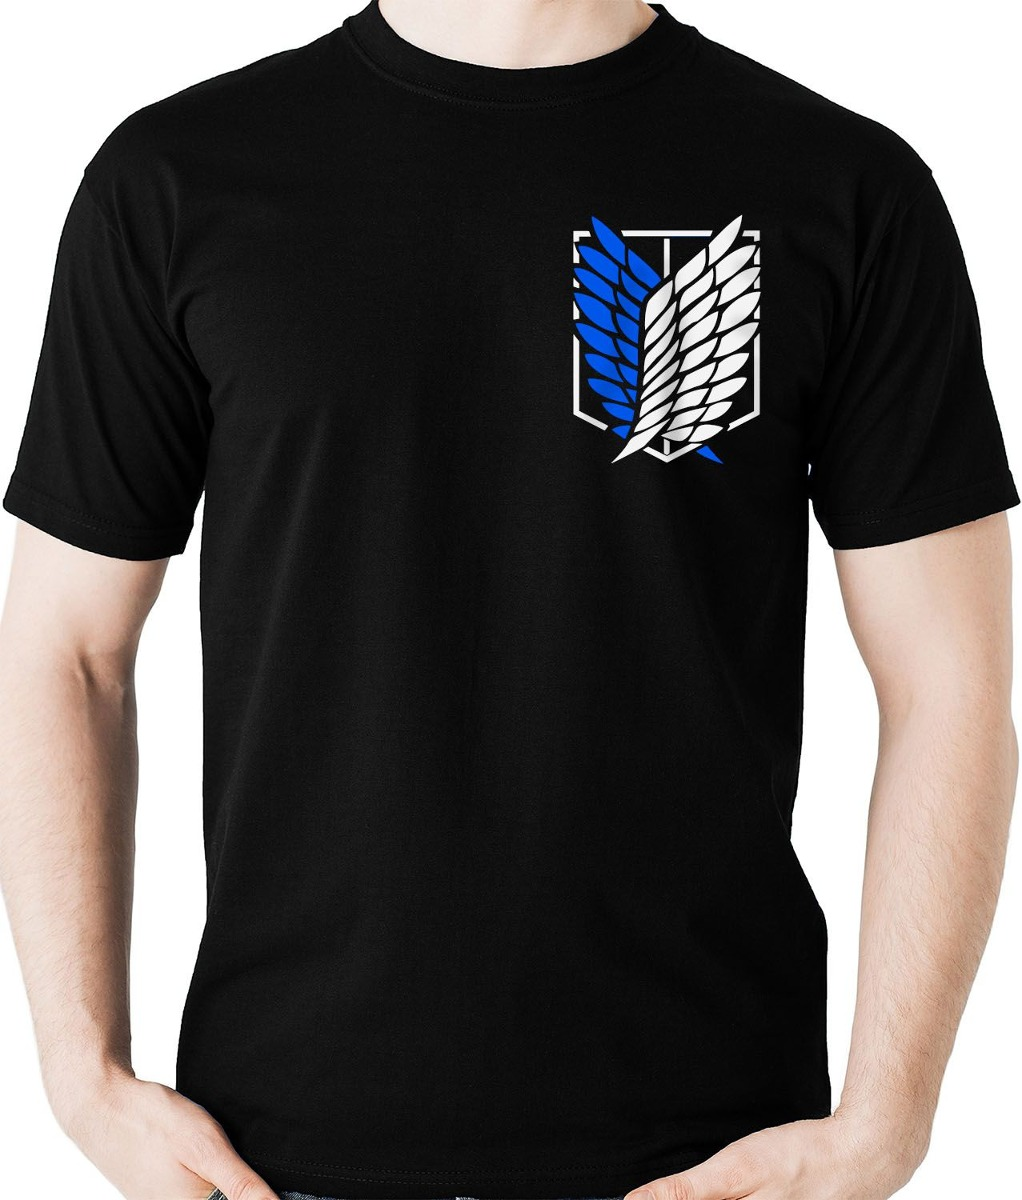 1e0361f7f camiseta shingeki no kyojin tropa exploração camisa blusa. Carregando zoom.